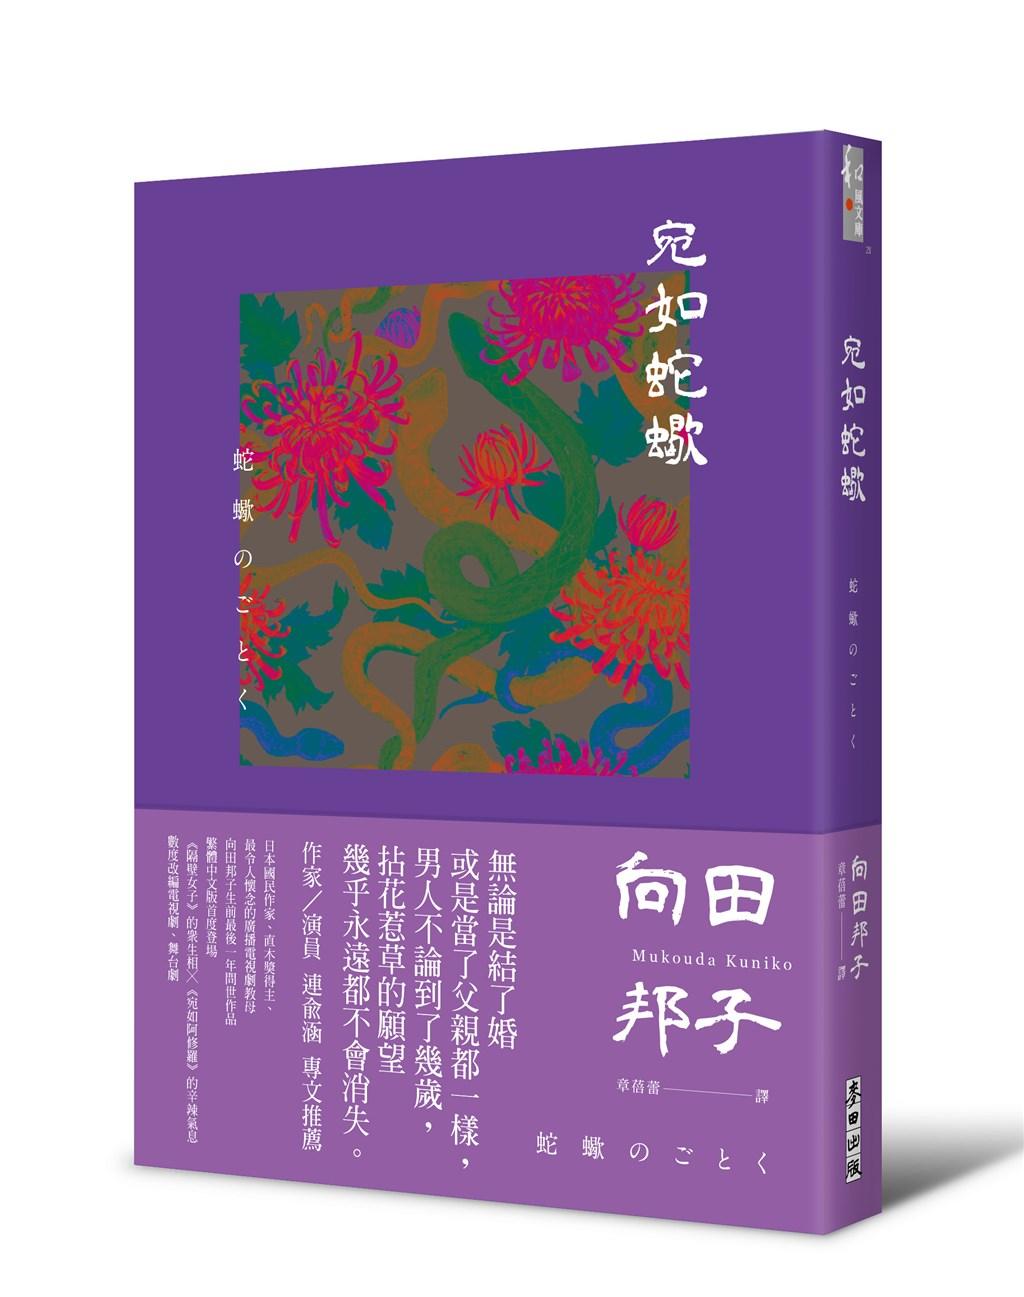 被譽為日本國民作家的向田邦子,生前最後一年發表的作品「宛如蛇蠍」繁體中文版將在台上市,這本小說中,向田邦子以不倫戀作為故事基礎,描繪現代都市中人與人之間的荒謬、魔幻與無奈。(麥田出版提供)